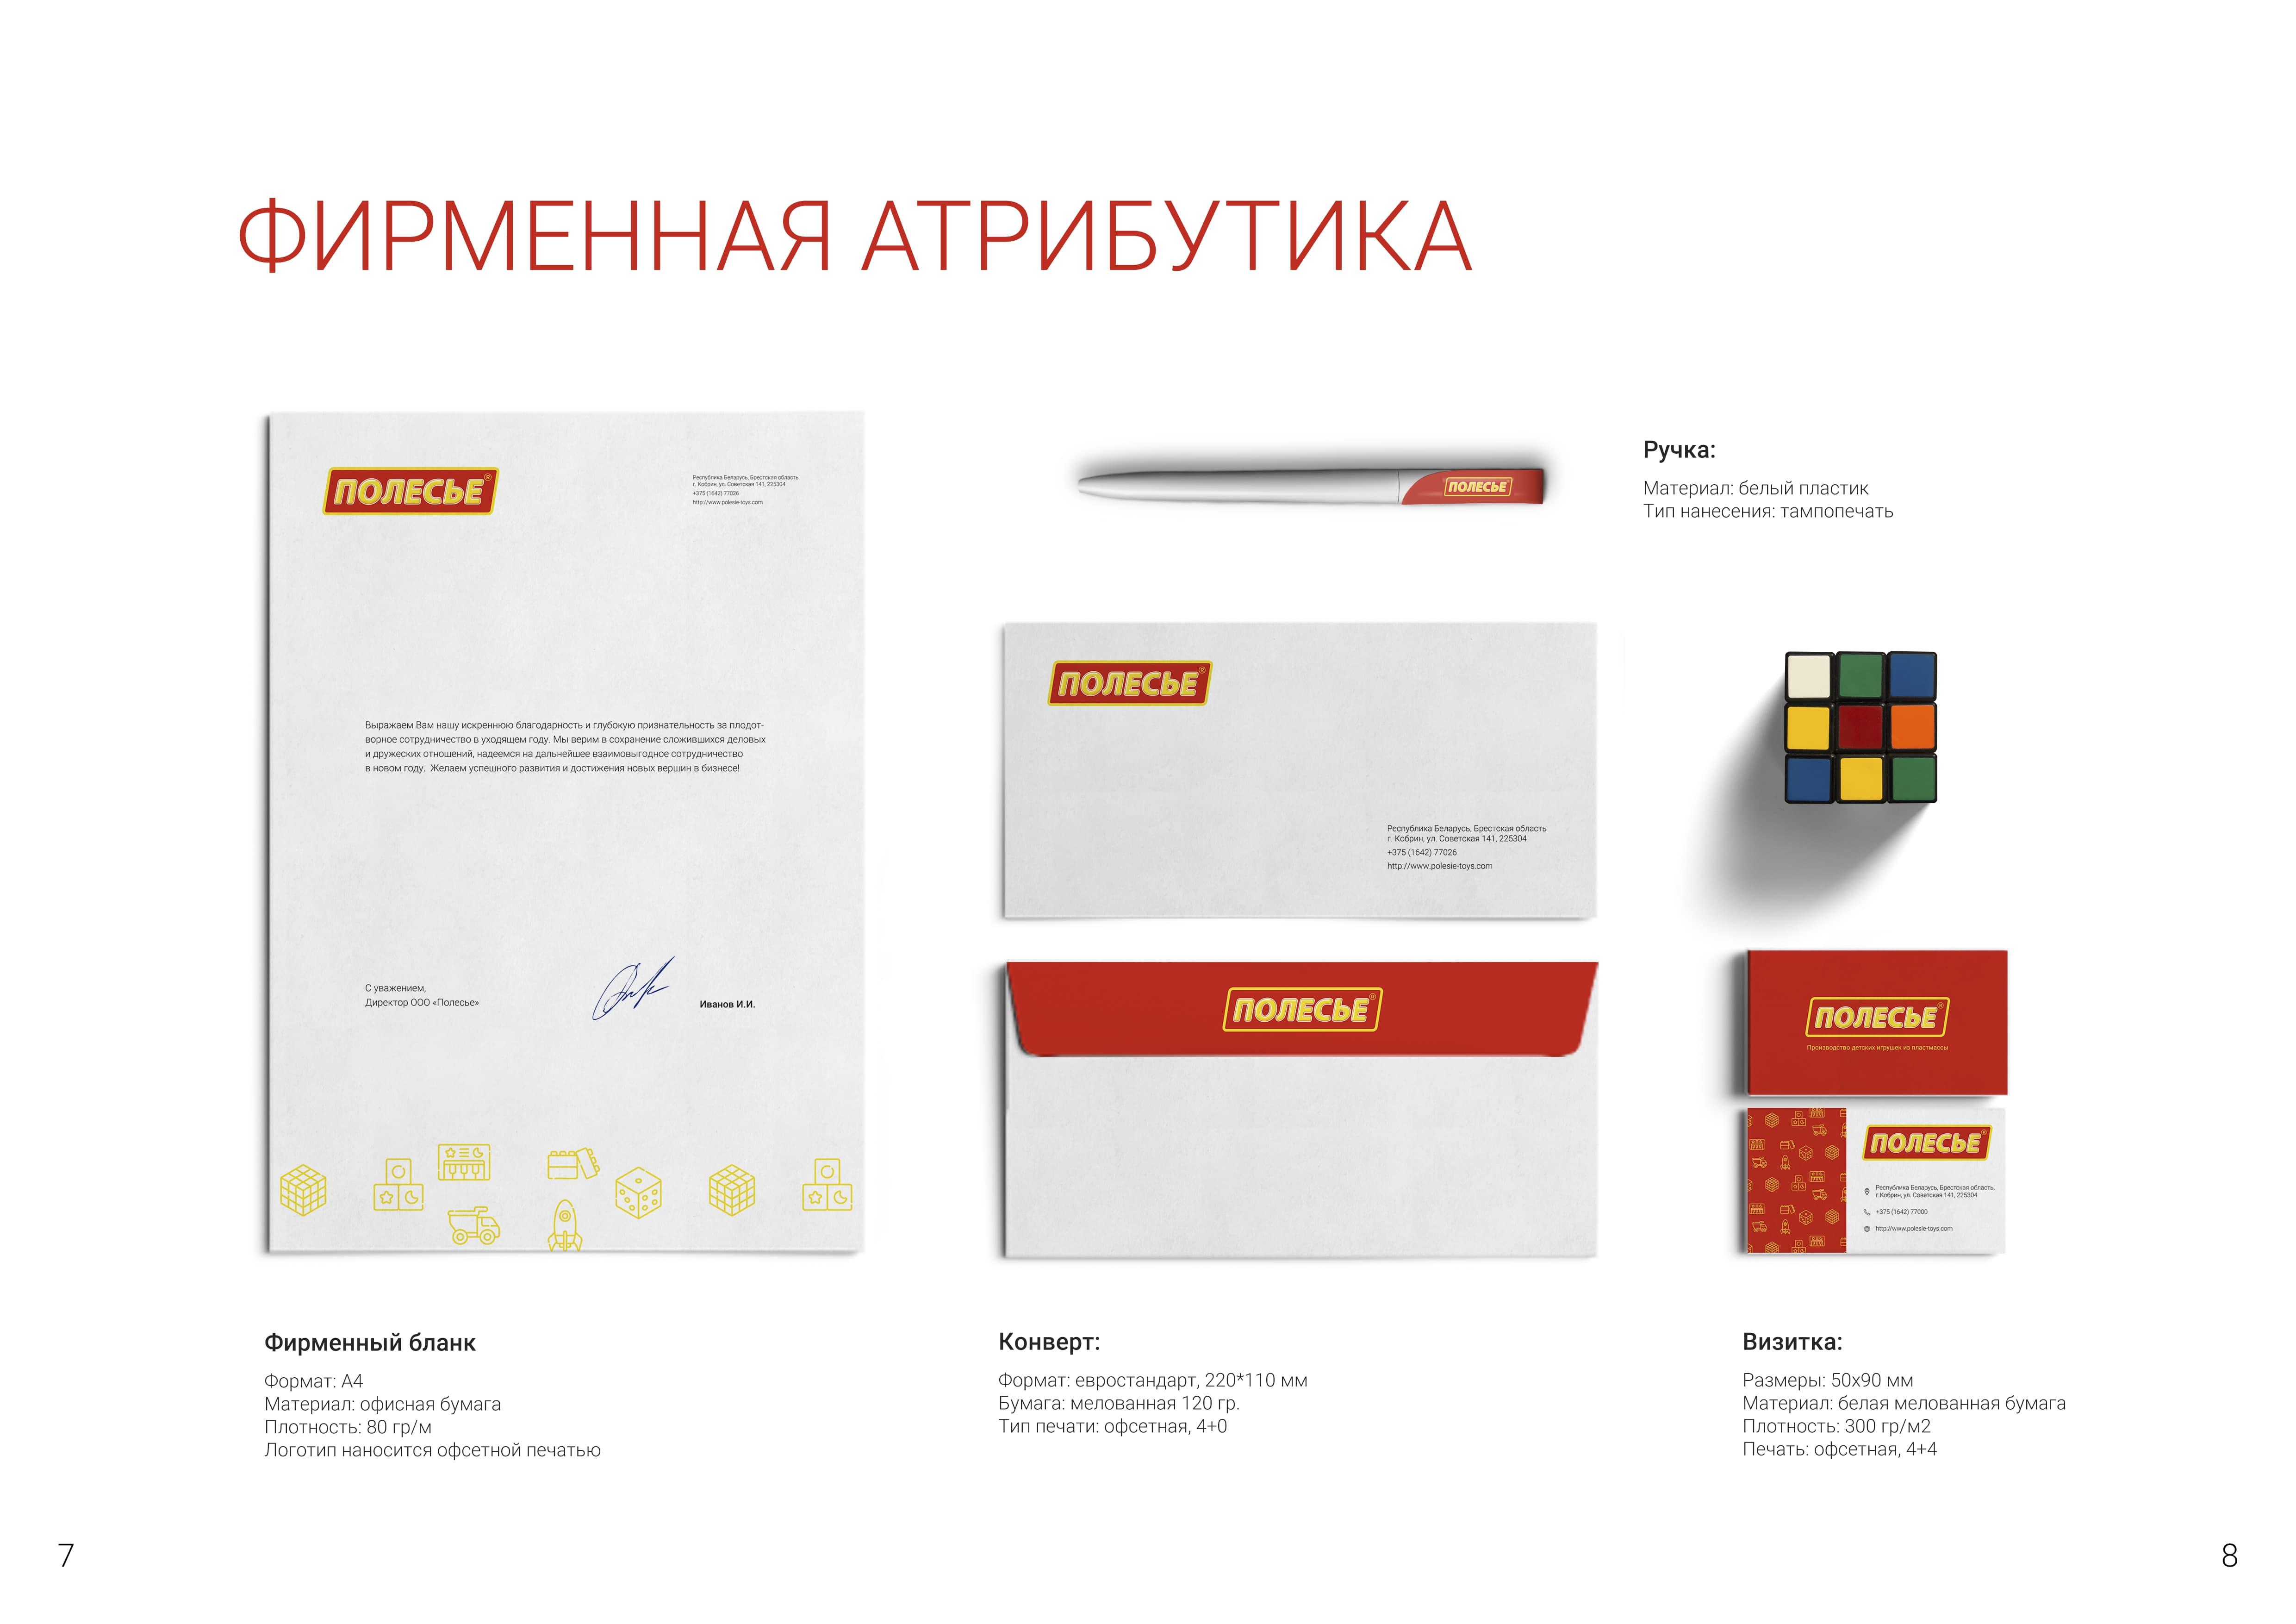 Разработка фирменного стиля на основании готового логотипа фото f_3615aba49541a1e7.jpg